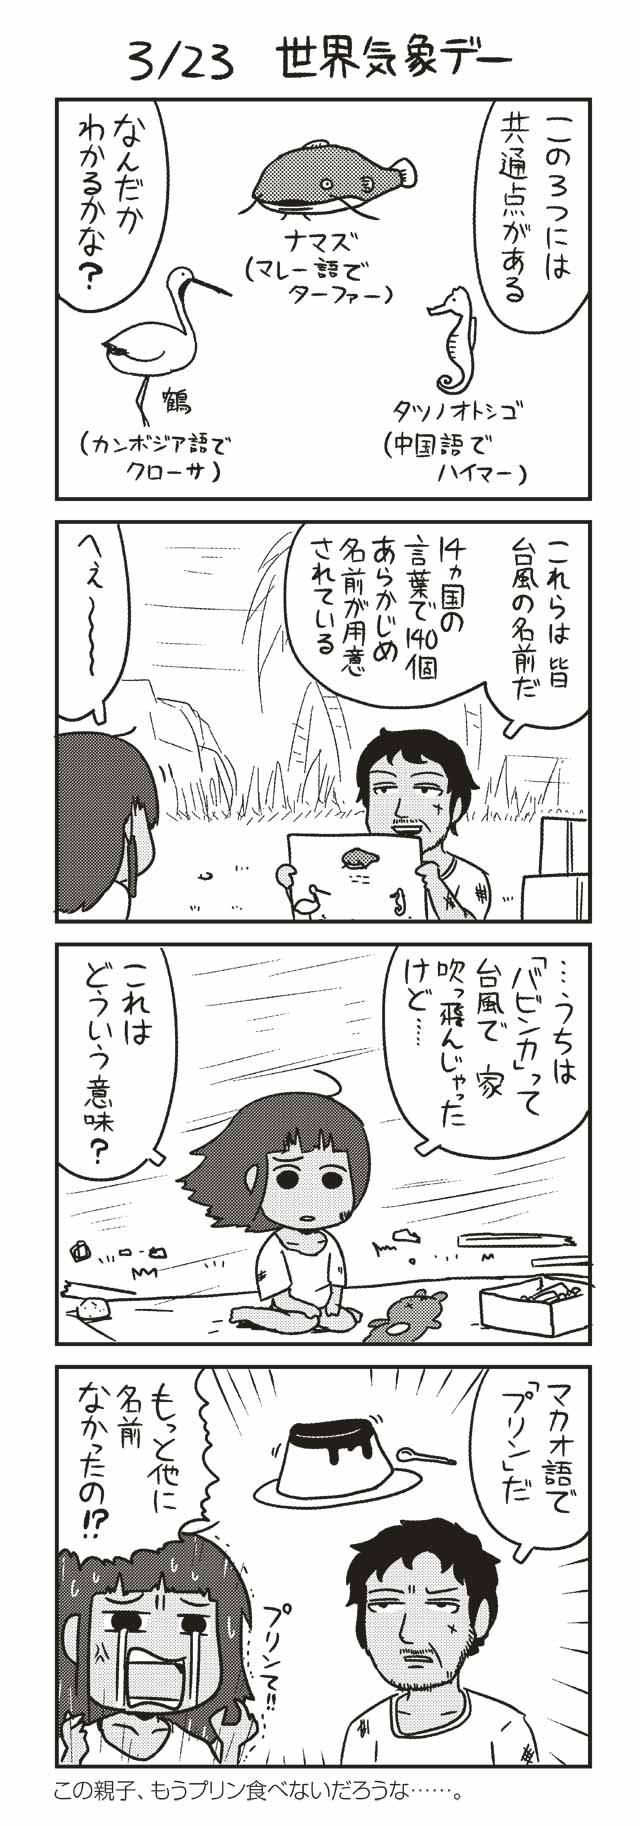 3/23 世界気象デー 『ノヒマンガ』 ポン